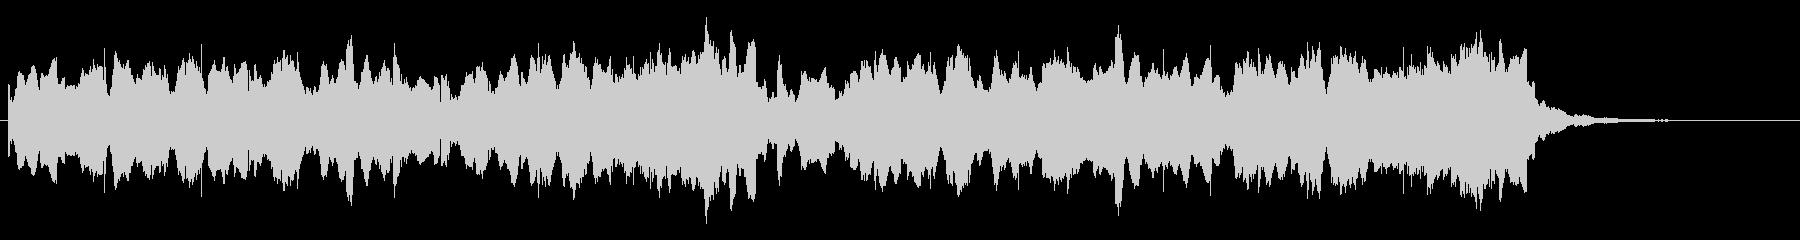 ビブラフォンが印象的な優しいジングル2の未再生の波形